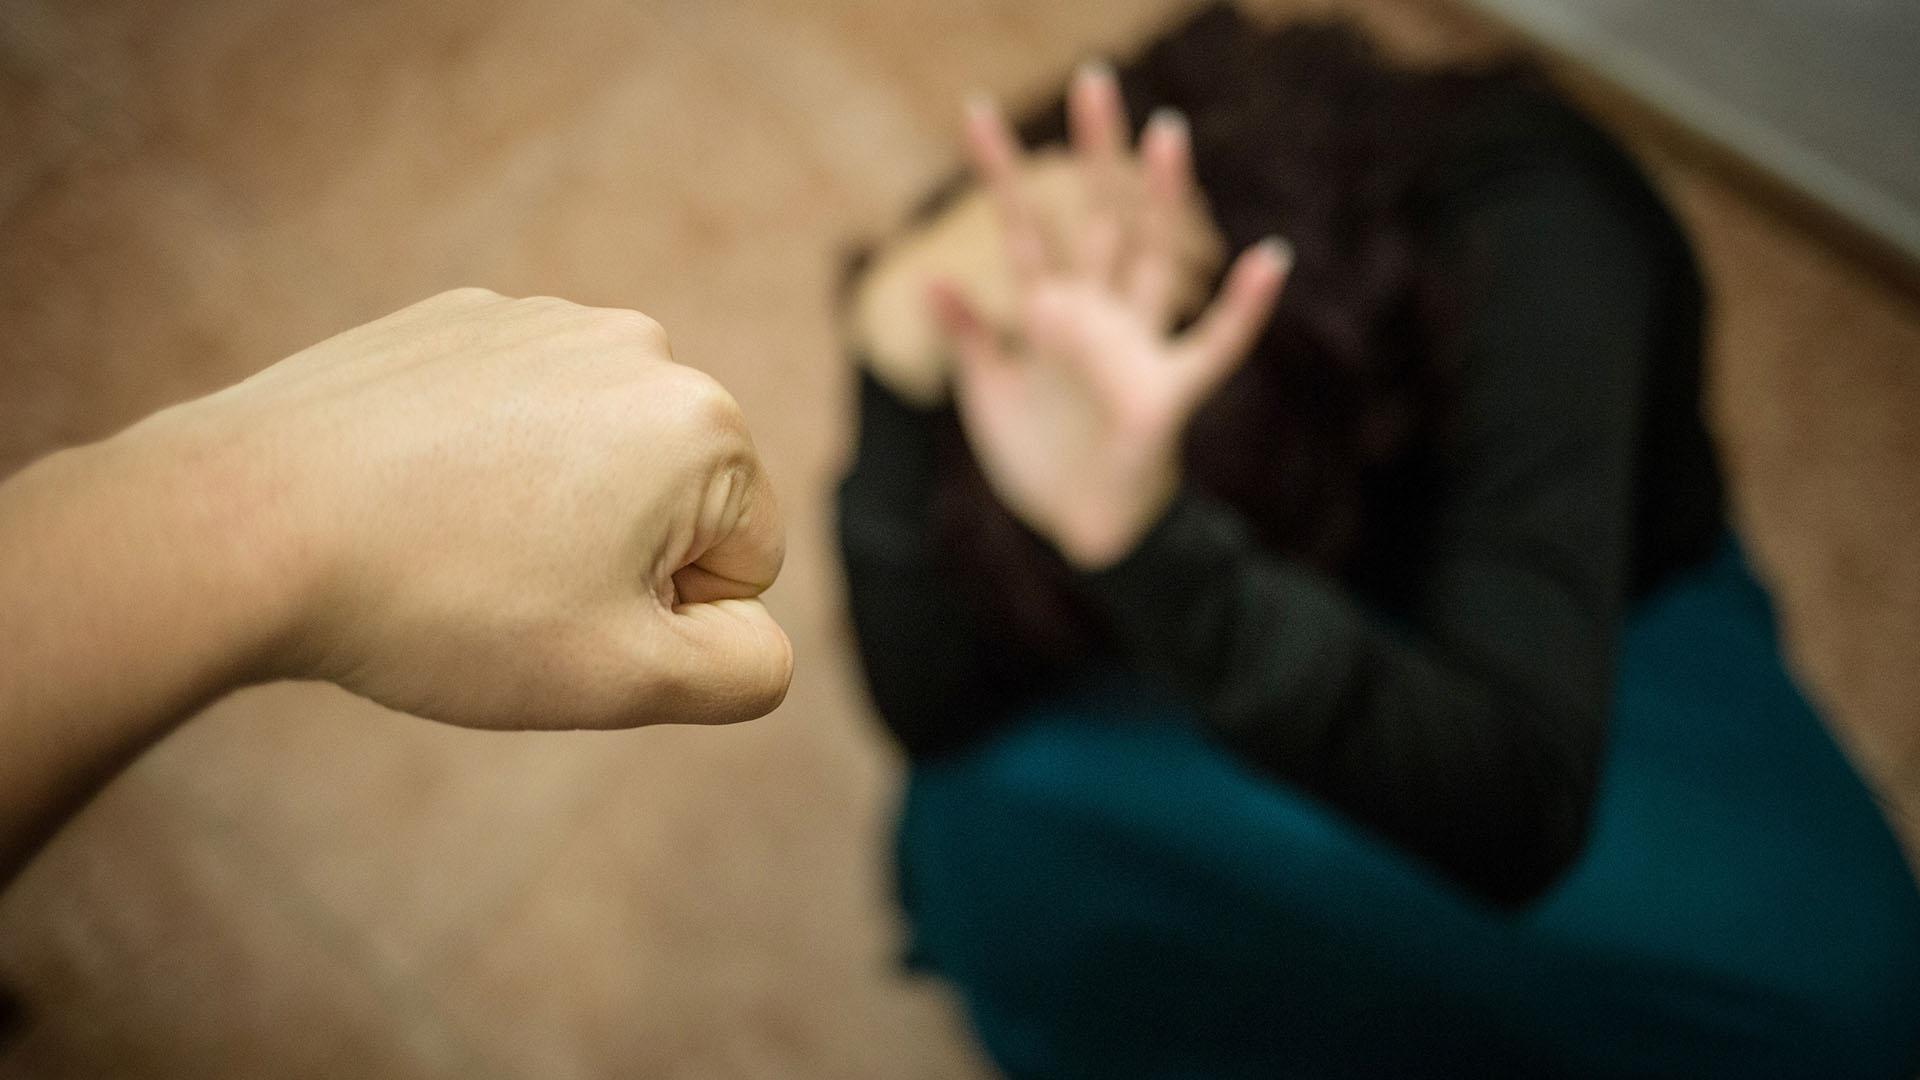 Las instituciones públicas han apreciado un aumento de la violencia machista en menores. A. G.